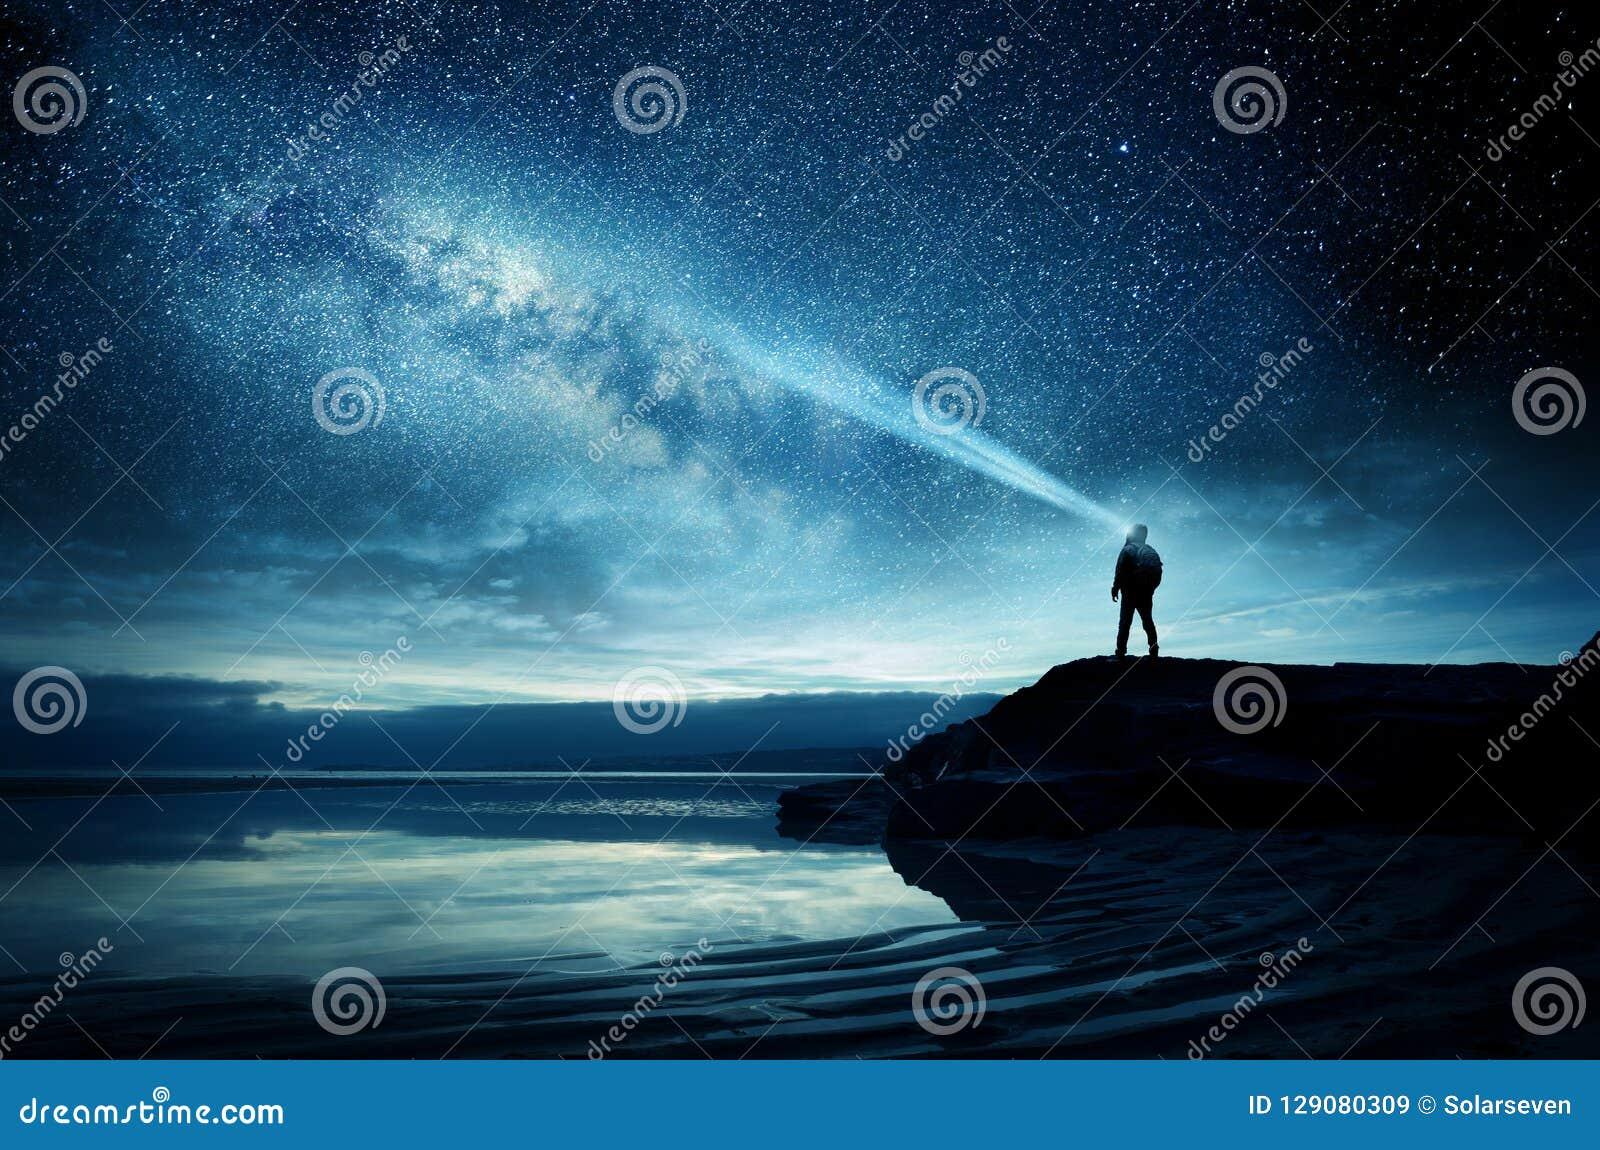 A Sky Full Of Light